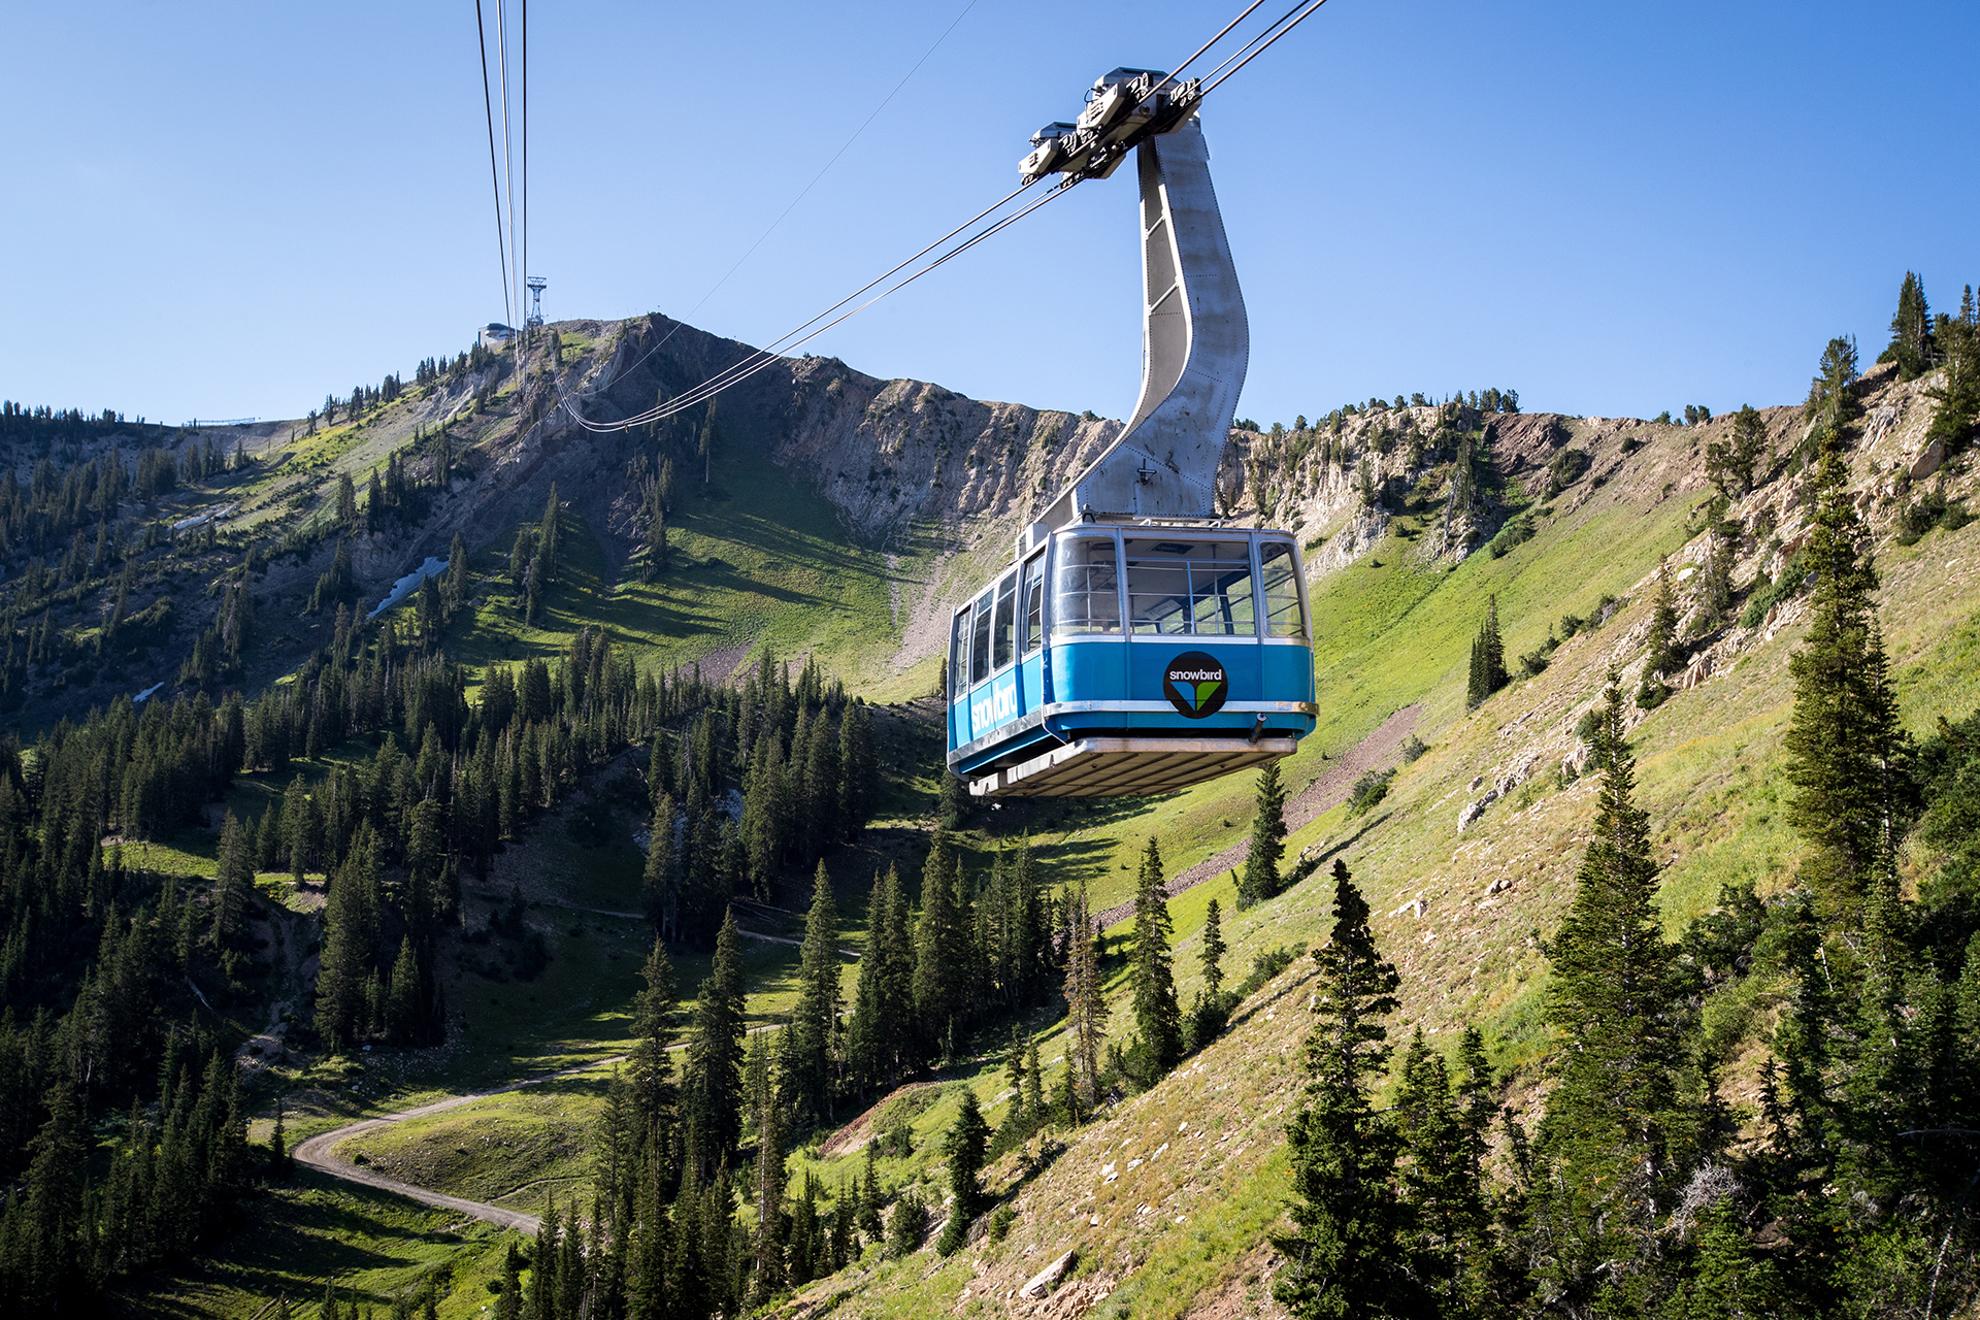 Summer Scenic Tram Ride at Snowbird